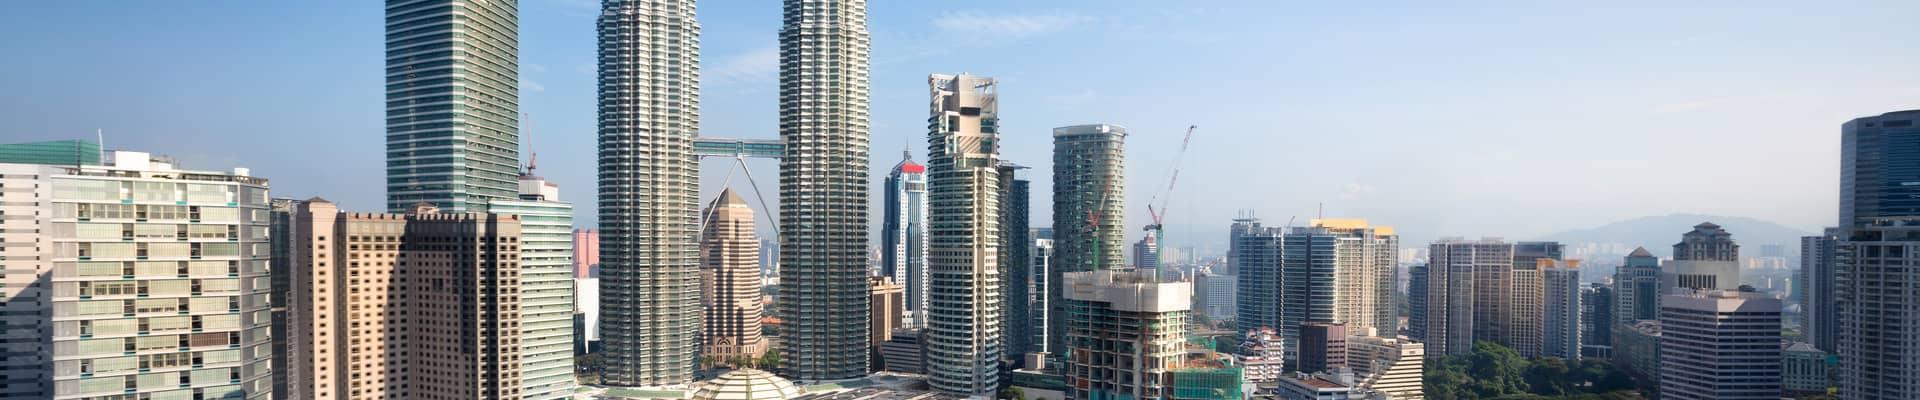 City Tour in Kuala Lumpur